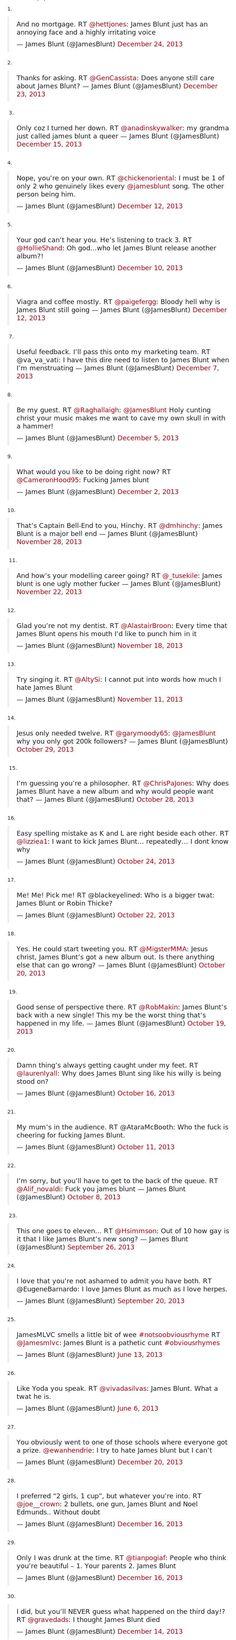 James Blunt's tweets.